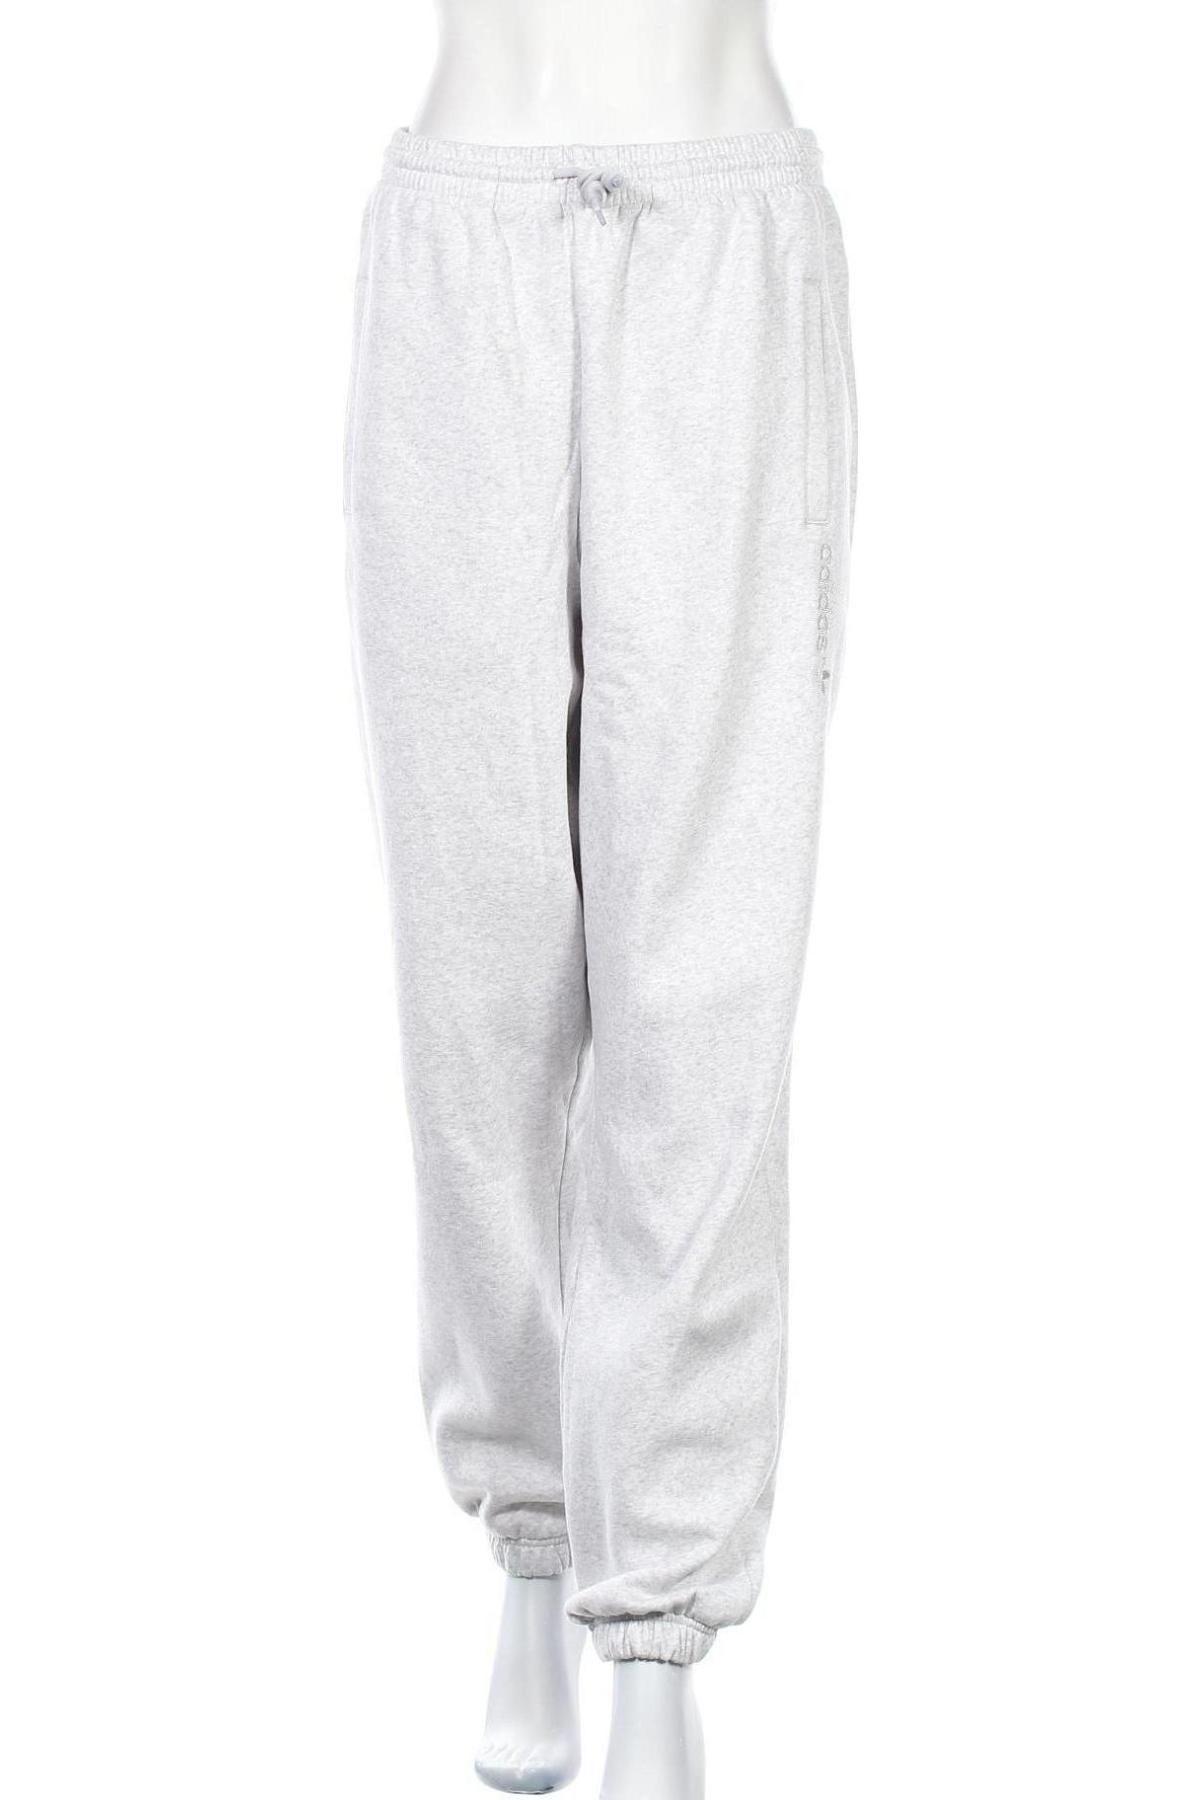 Γυναικείο αθλητικό παντελόνι Adidas Originals, Μέγεθος L, Χρώμα Λευκό, 70% βαμβάκι, 30% πολυεστέρας, Τιμή 38,27€